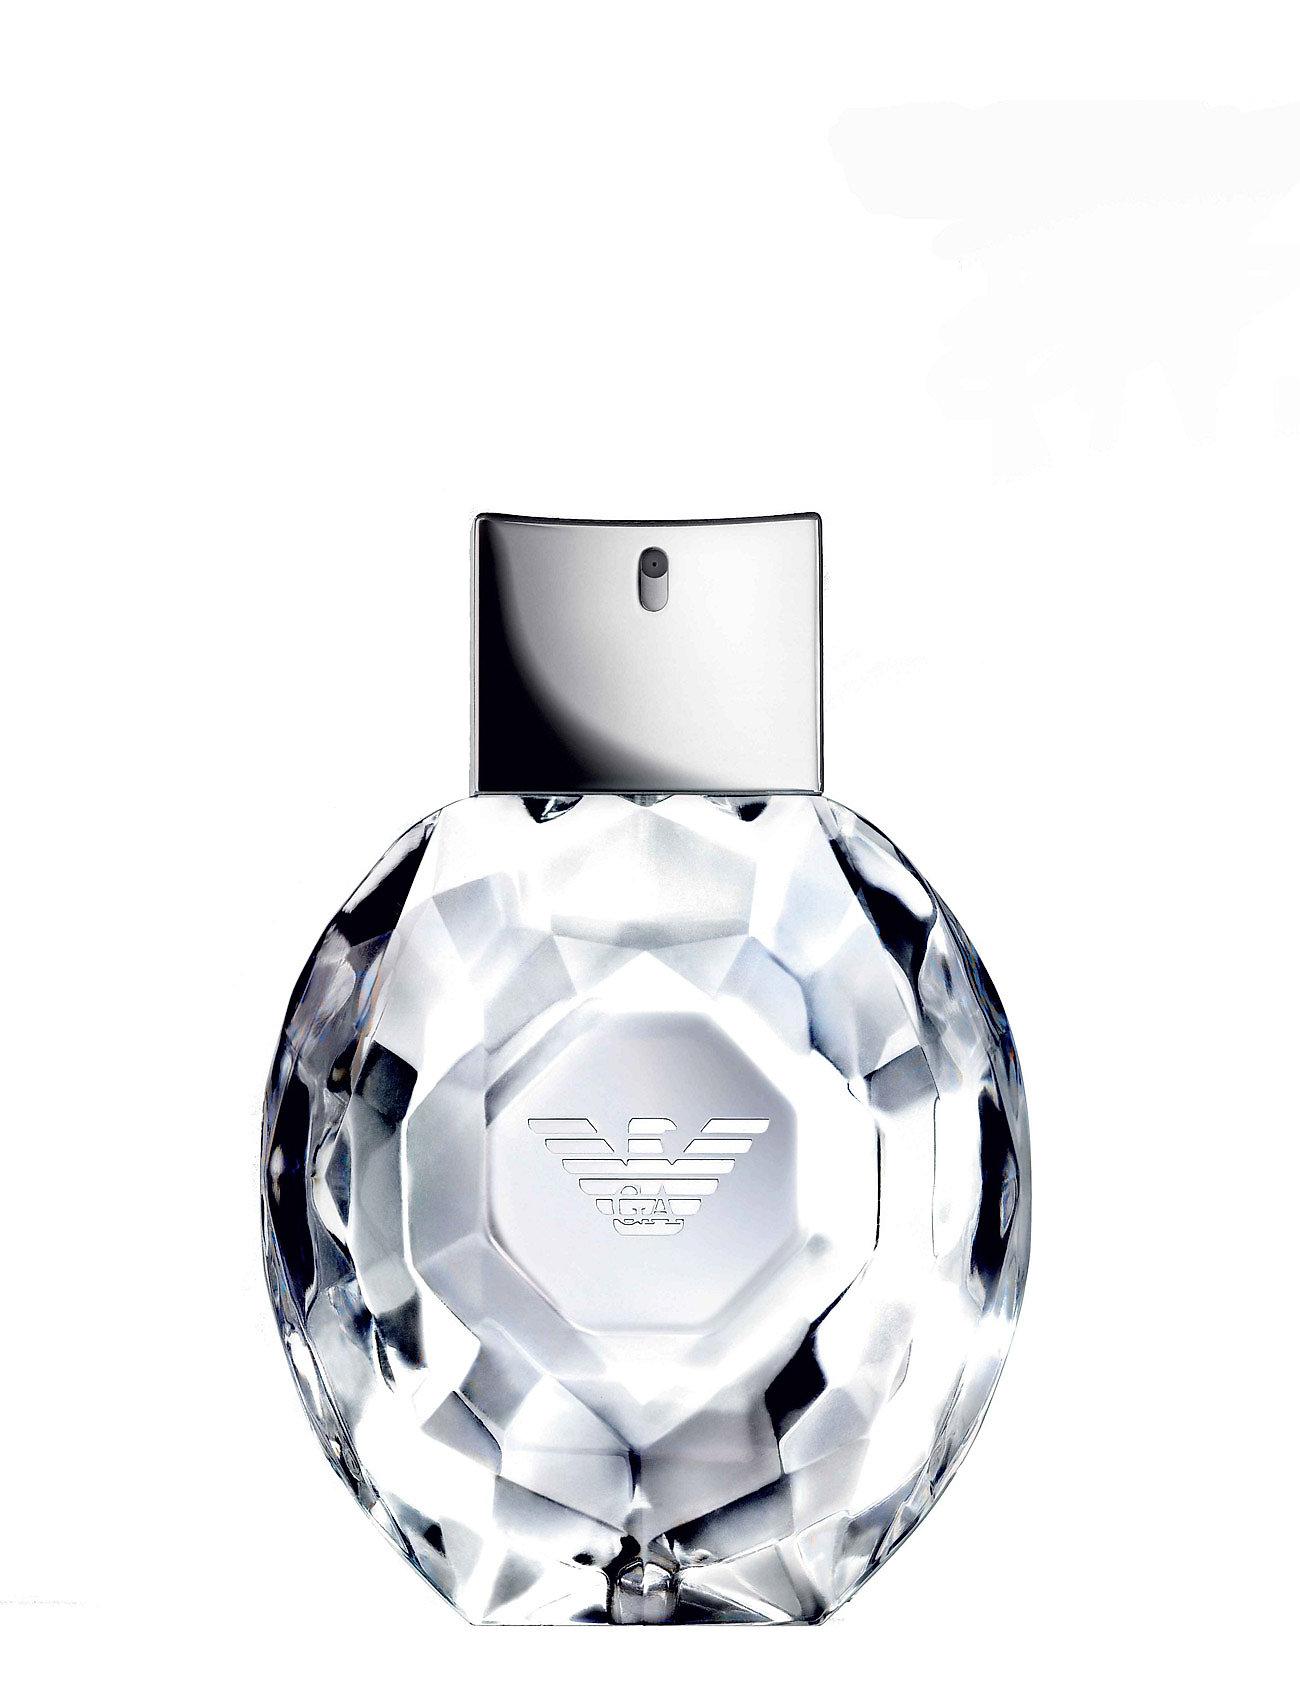 giorgio armani – Emporio diamonds for women eau de parfum 50 ml fra boozt.com dk